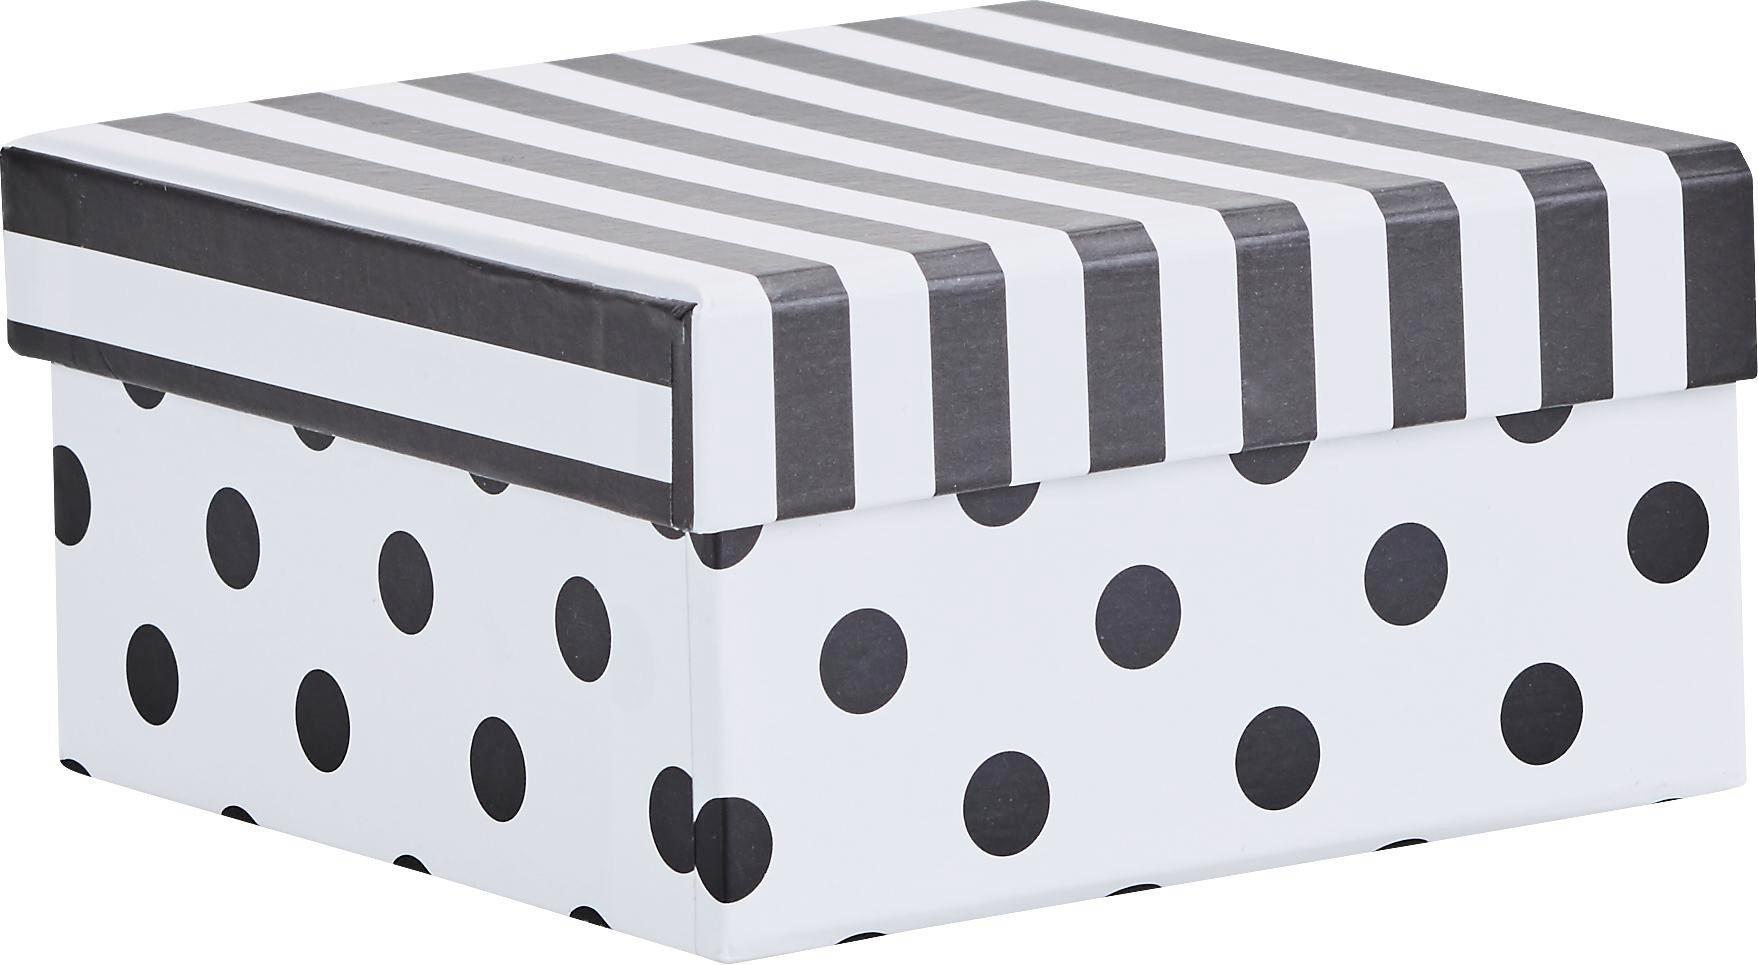 Geschenkbox Geomatric in Schwarz/Weiß - Schwarz/Weiß, Papier (15/11/6,5cm) - MÖMAX modern living